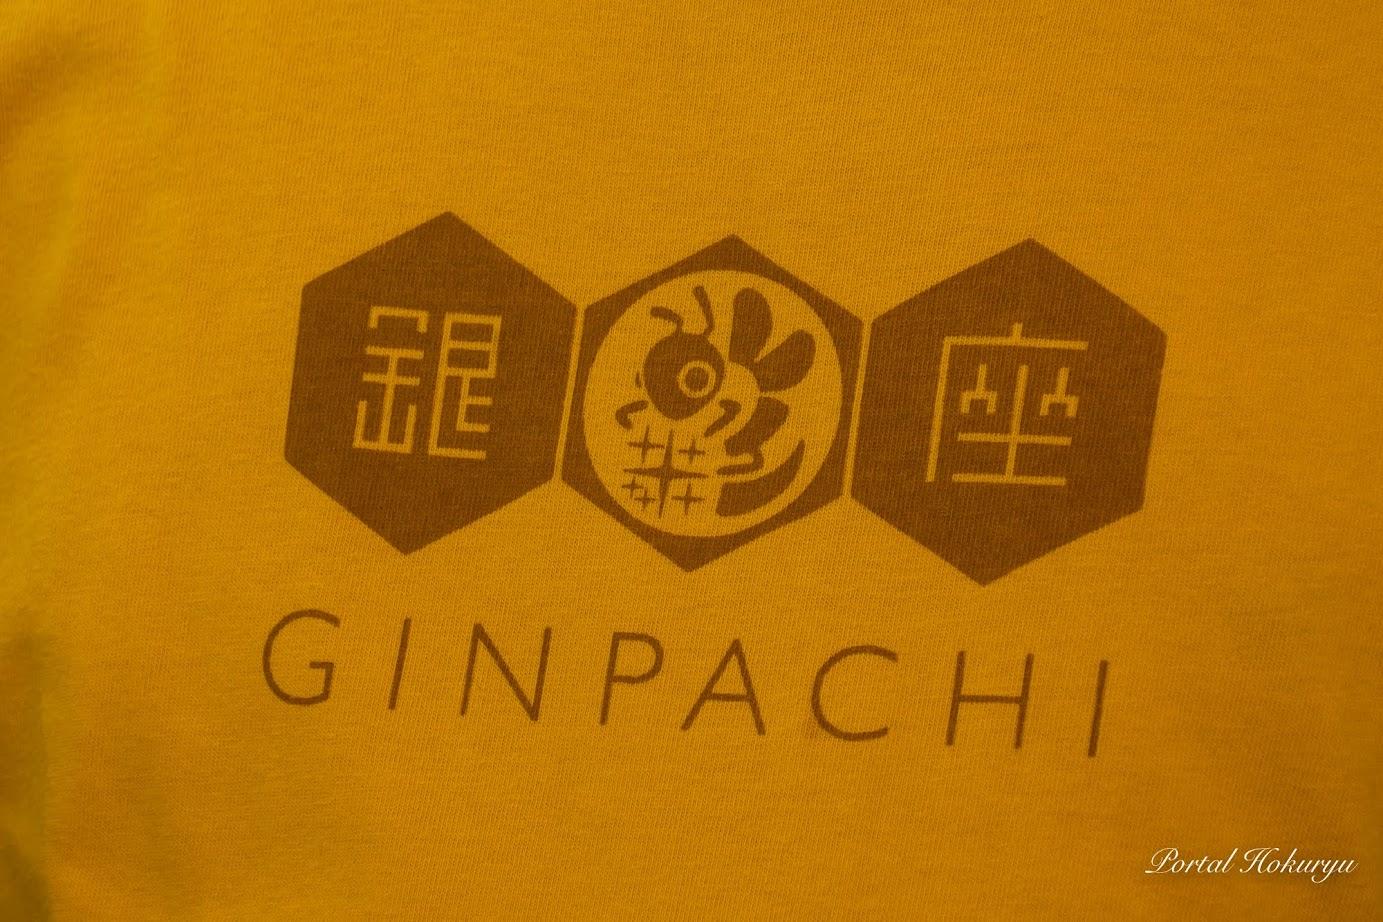 Tシャツのロゴ「GINPACHI」